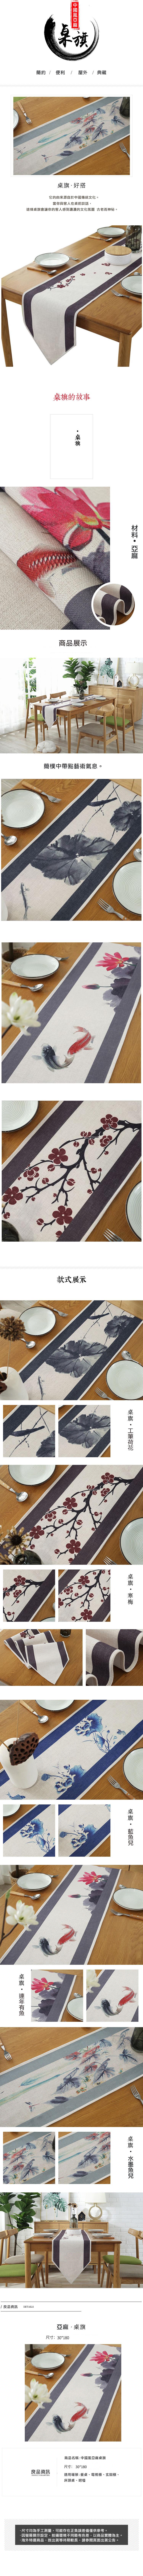 中國風亞麻桌旗